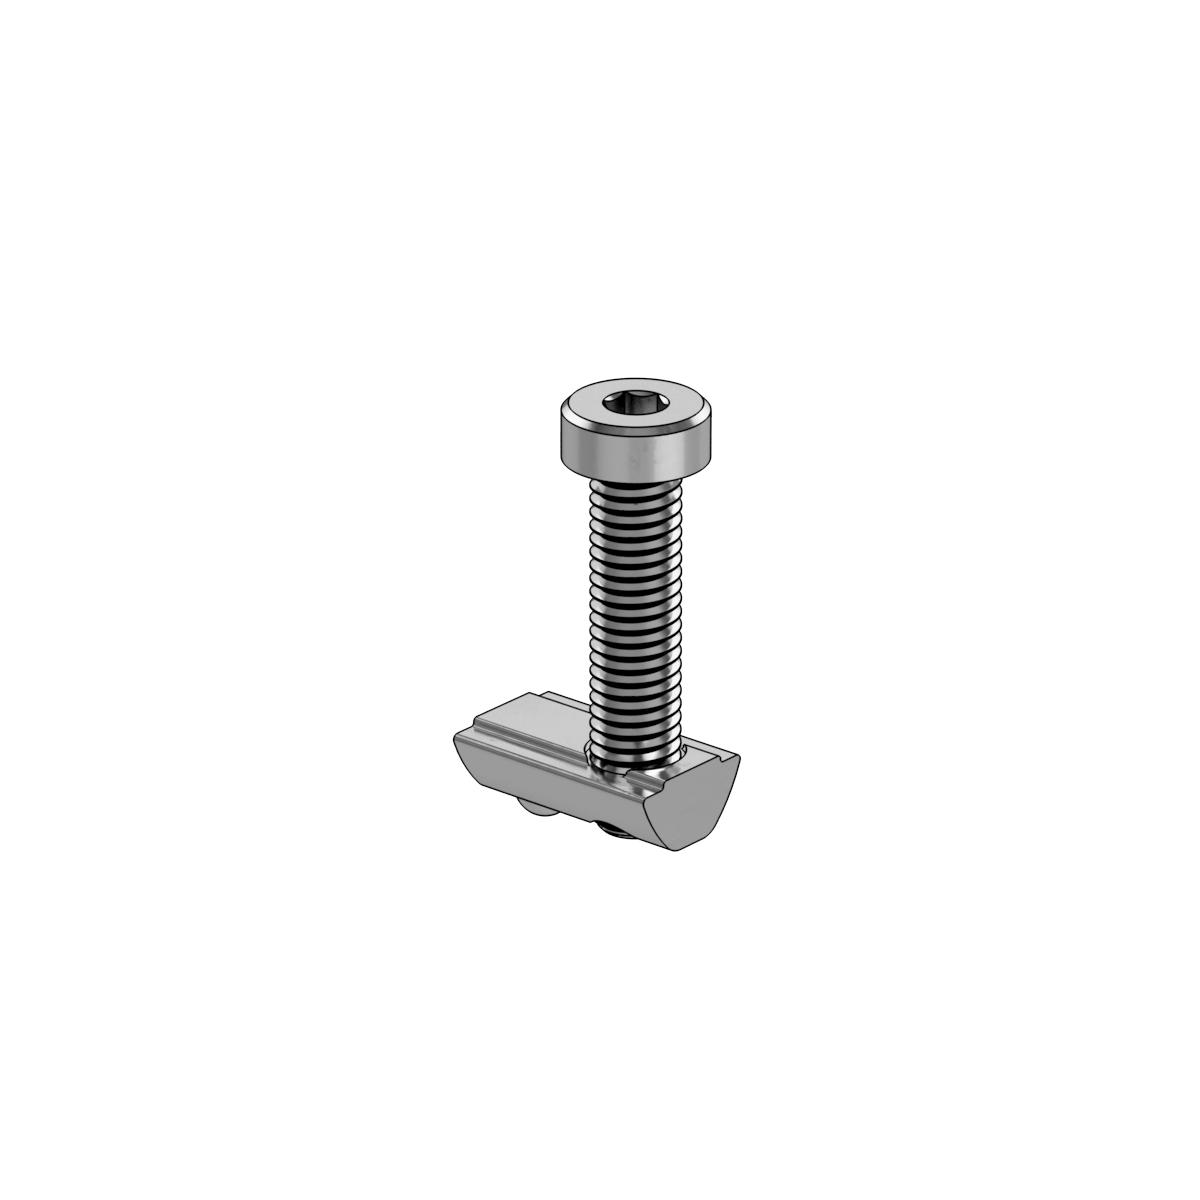 M8 x 35mm Screw With T-Nut